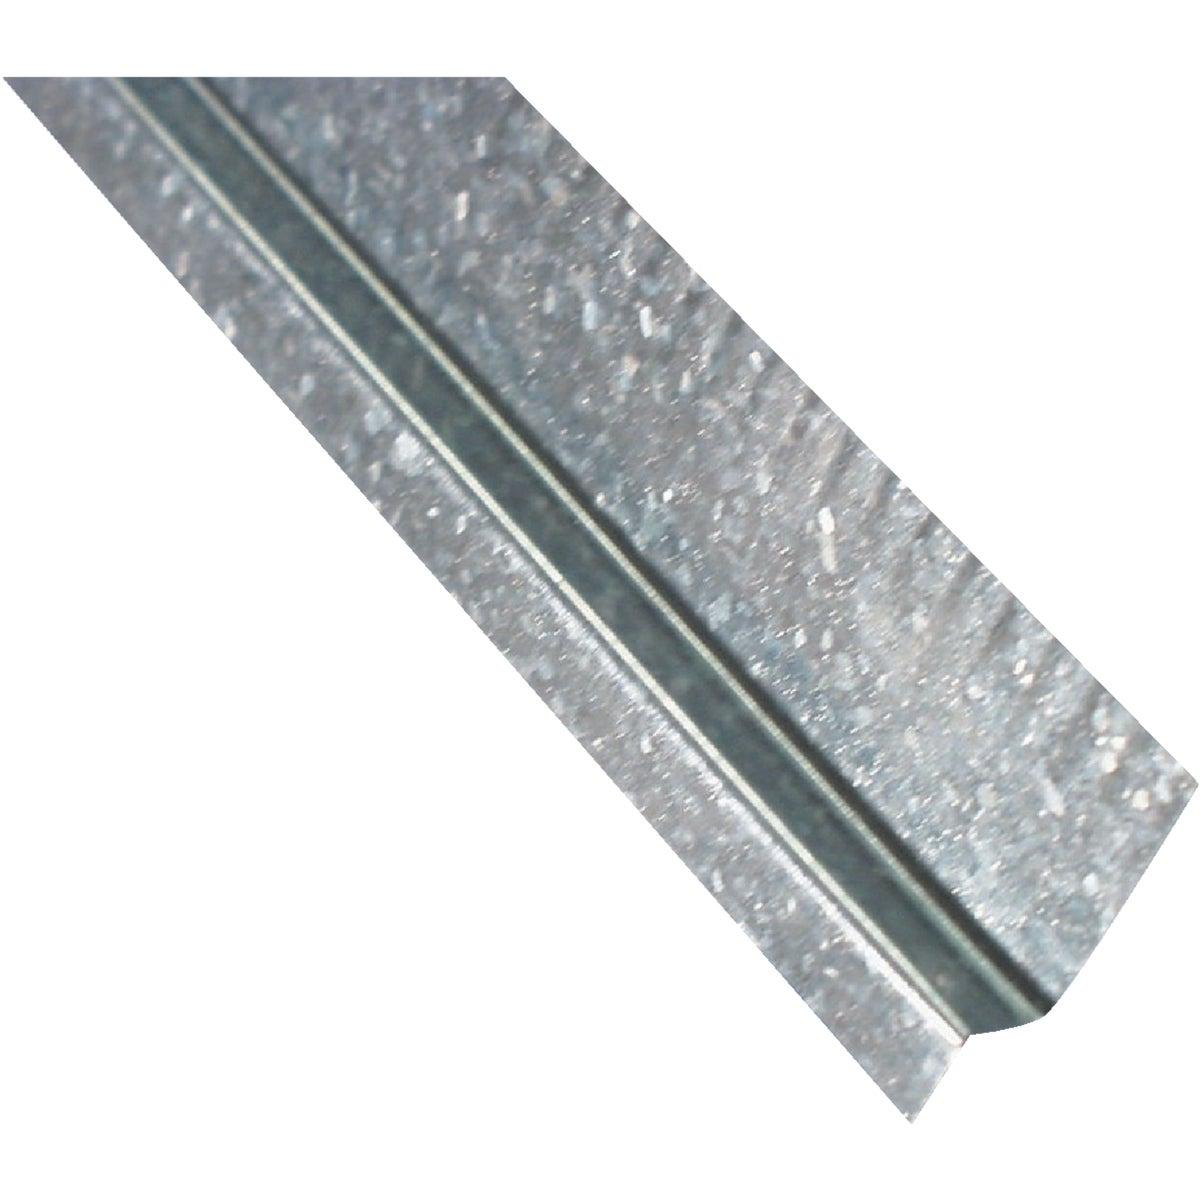 Z-Bar Metal Angle